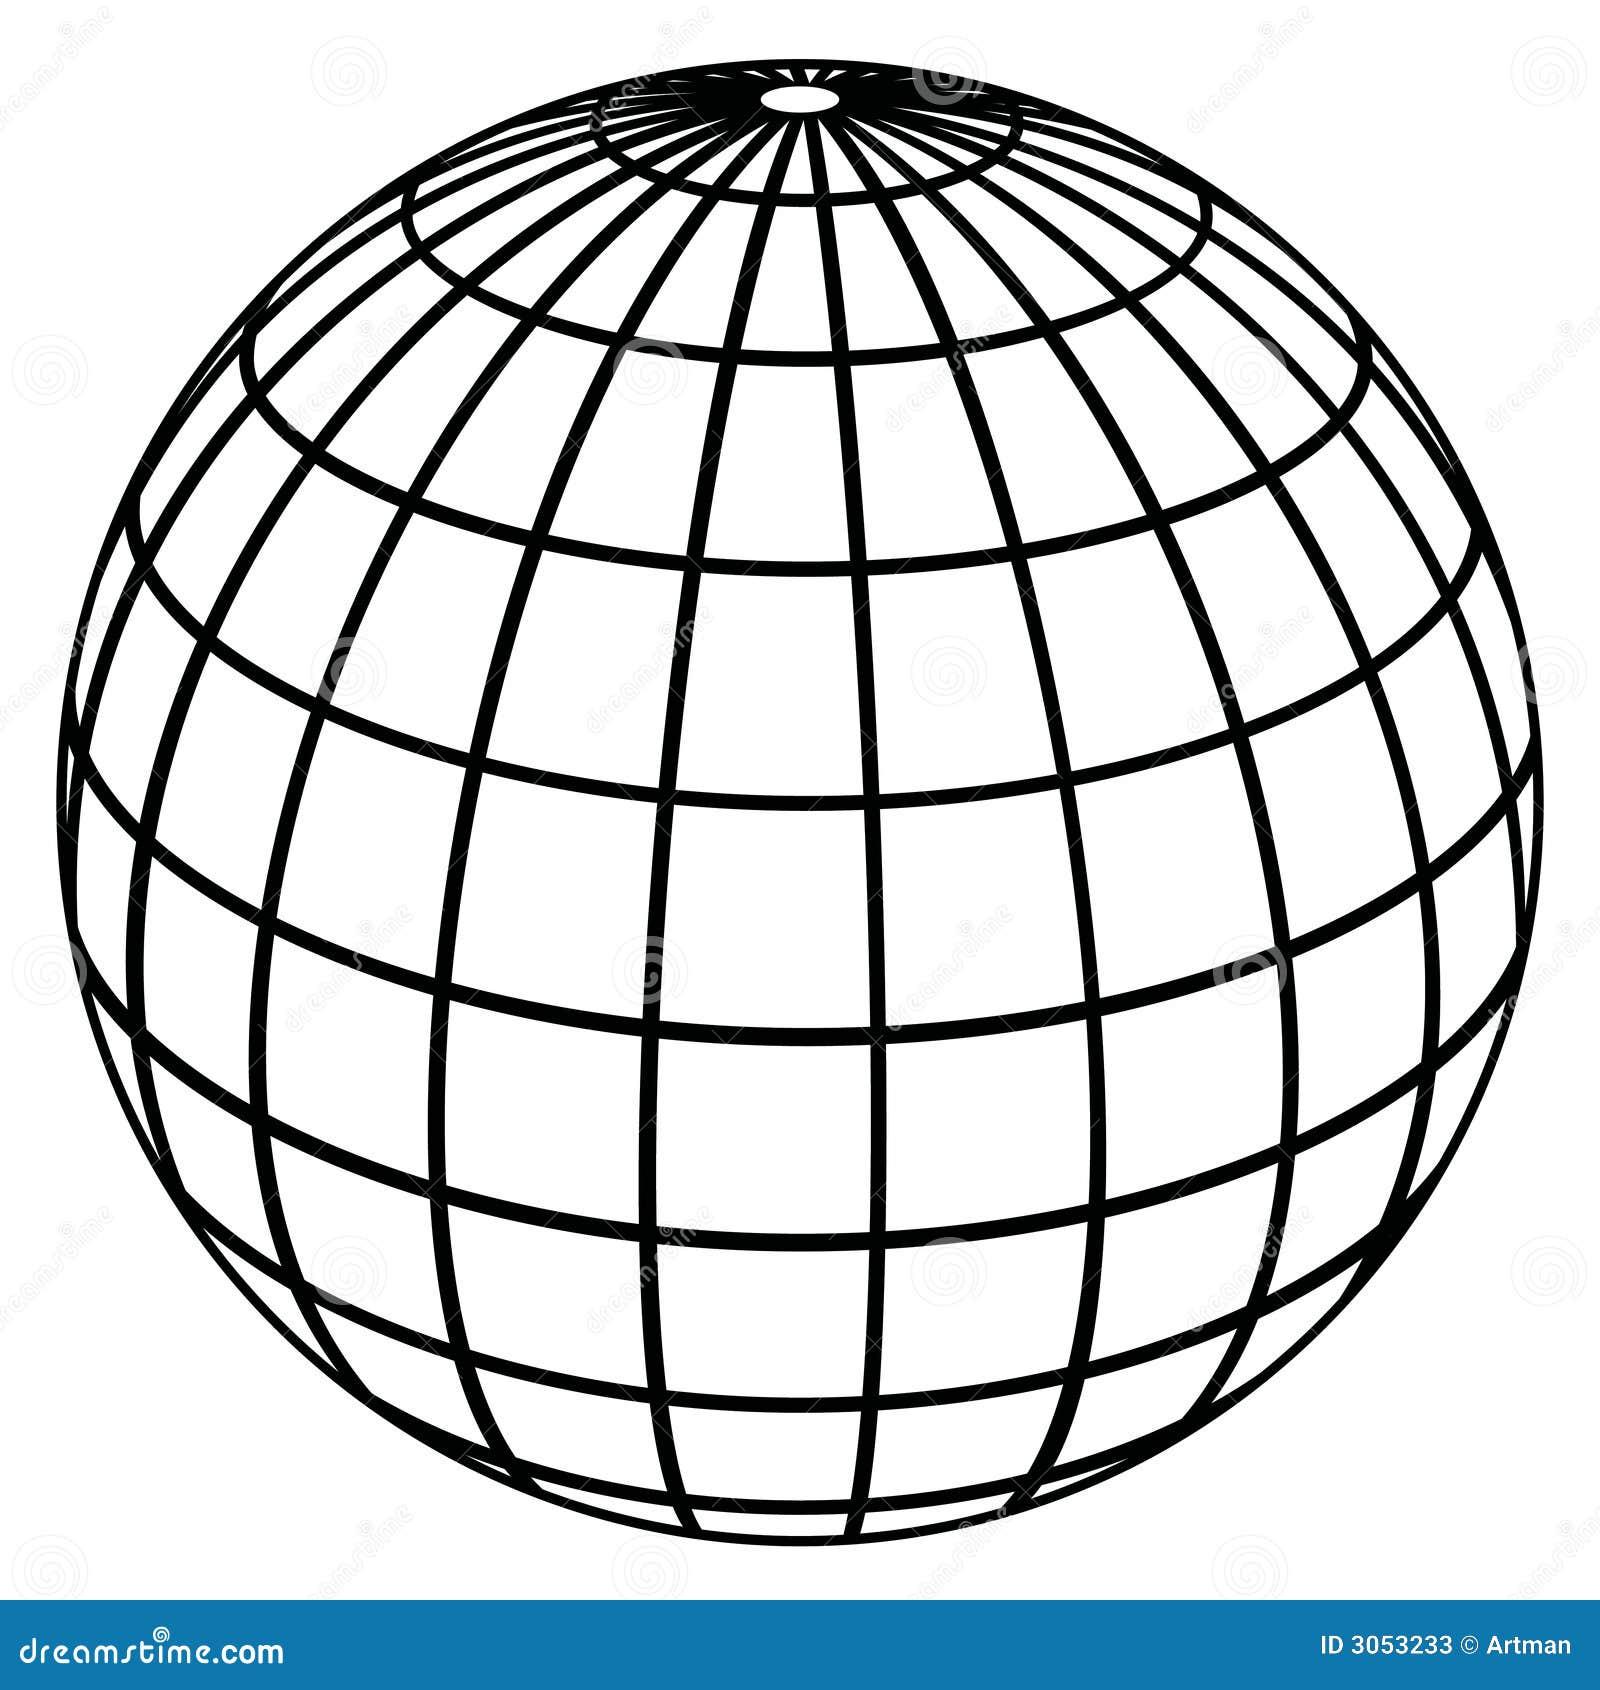 Vector Drawing Lines Worksheets : Meridianos del globo modelo de tierra ilustración